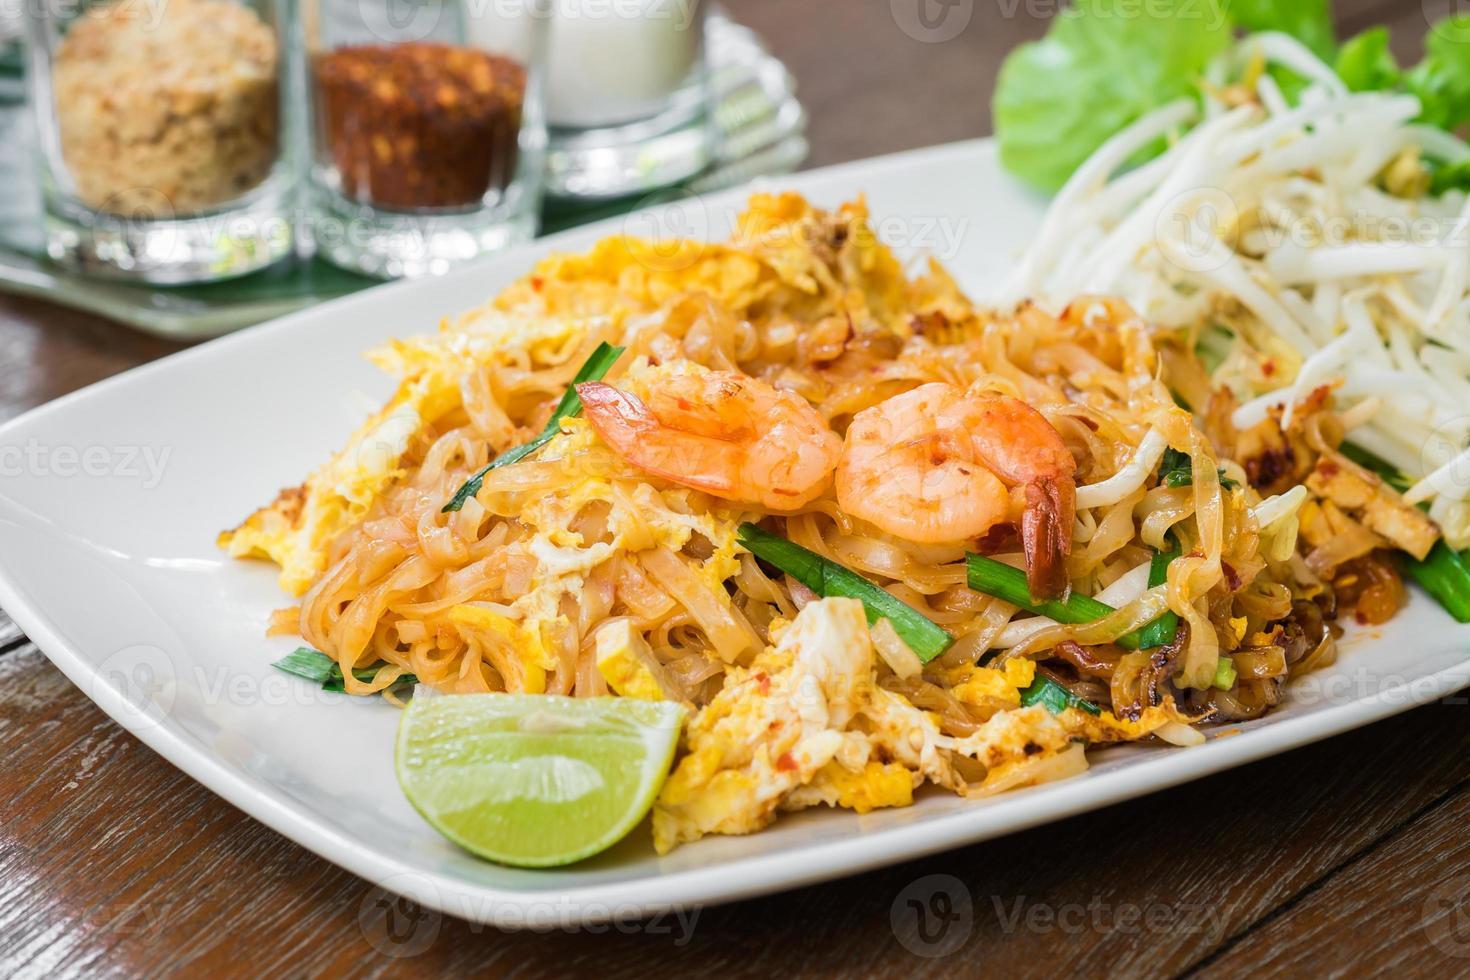 fideos de arroz salteados con camarones (pad thai), comida tailandesa foto